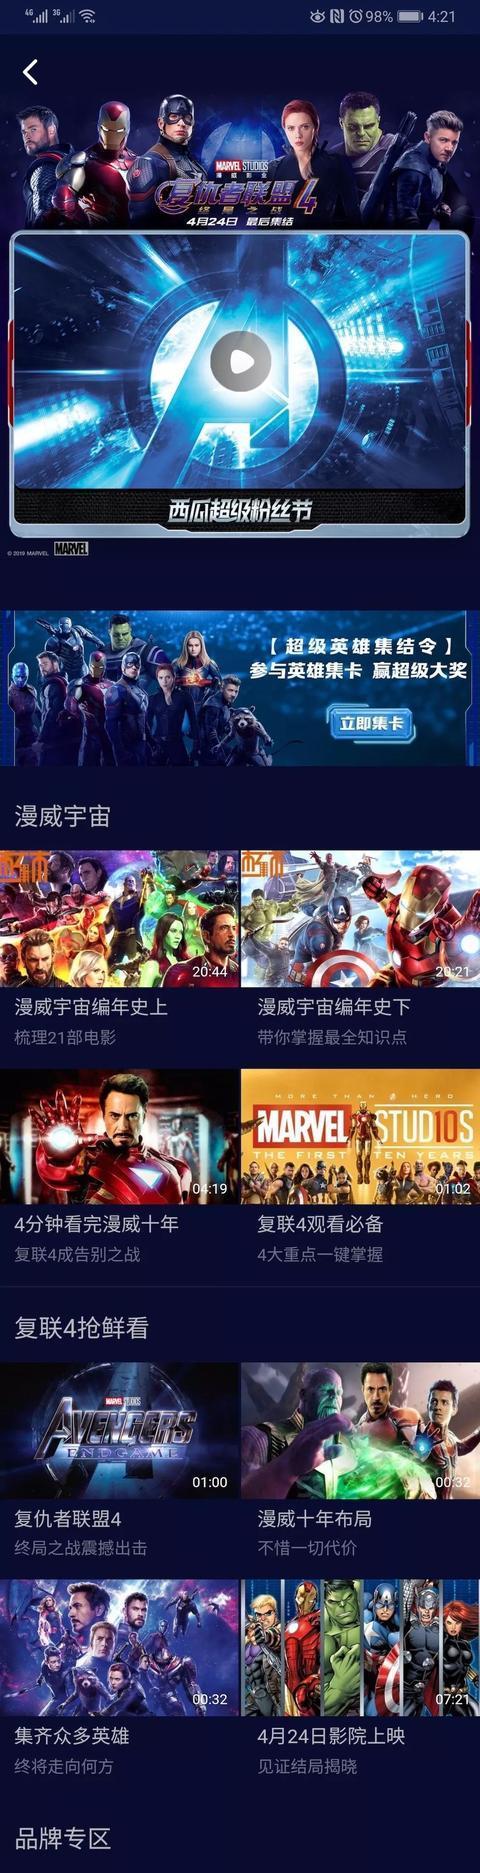 《闪烁之光》联合西瓜超级粉丝节,解锁《复联4》IP娱乐营销新玩法